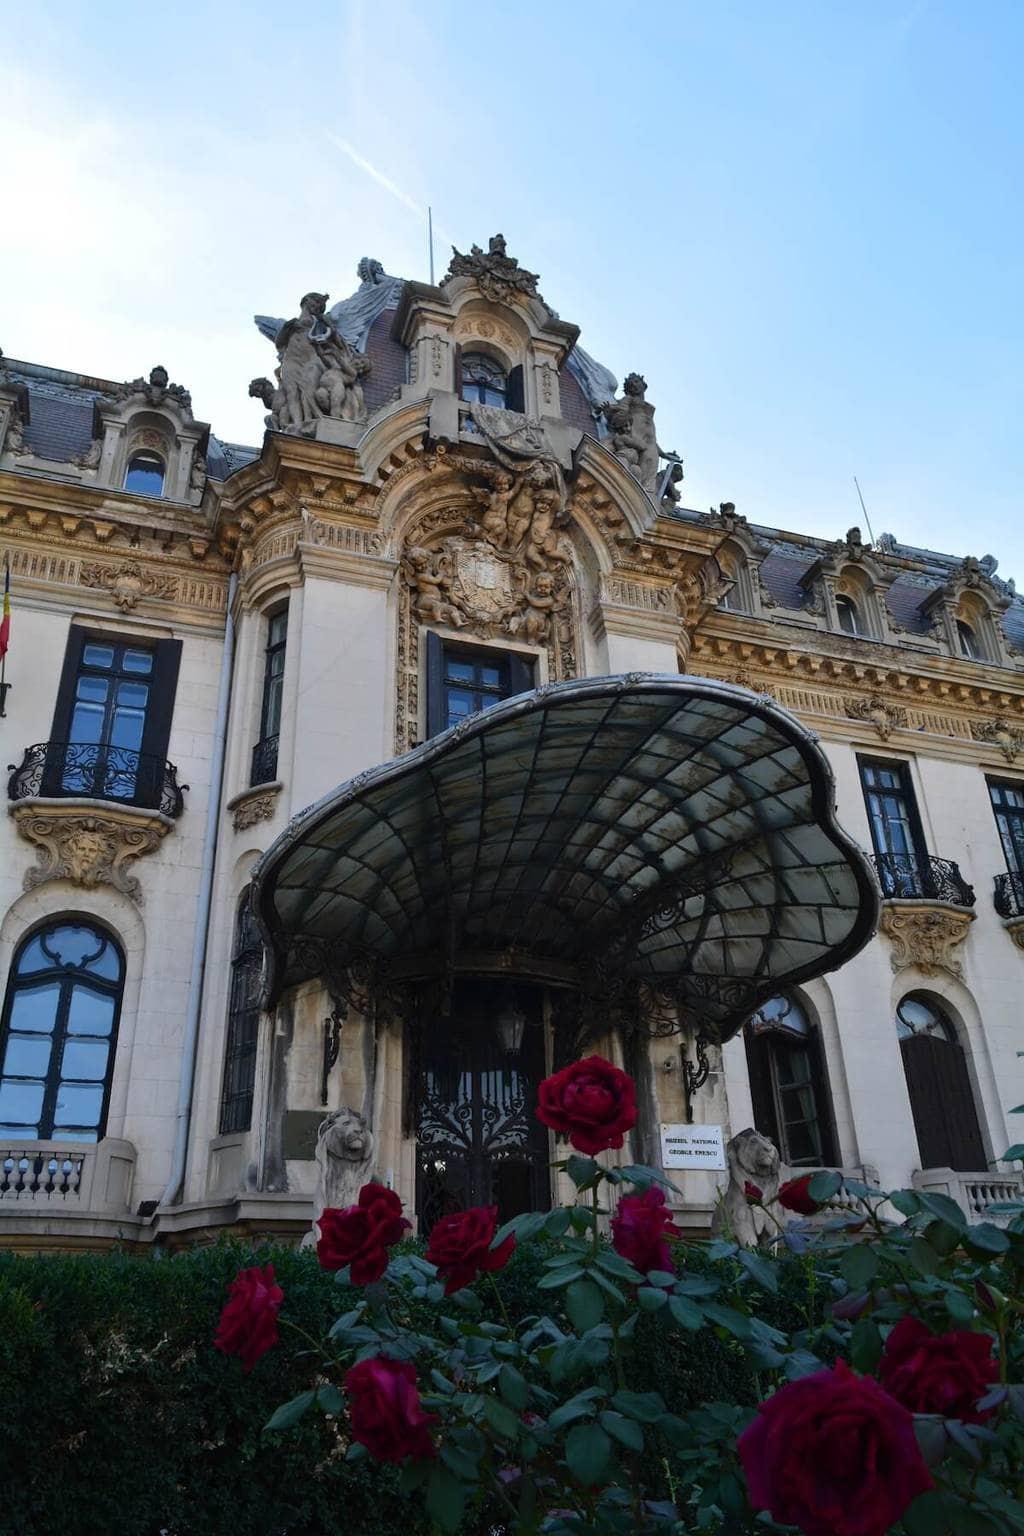 muzeu-george-enescu-calea-victoriei-bucuresti-vizita-turism-locul-de-la-geam.jpeg